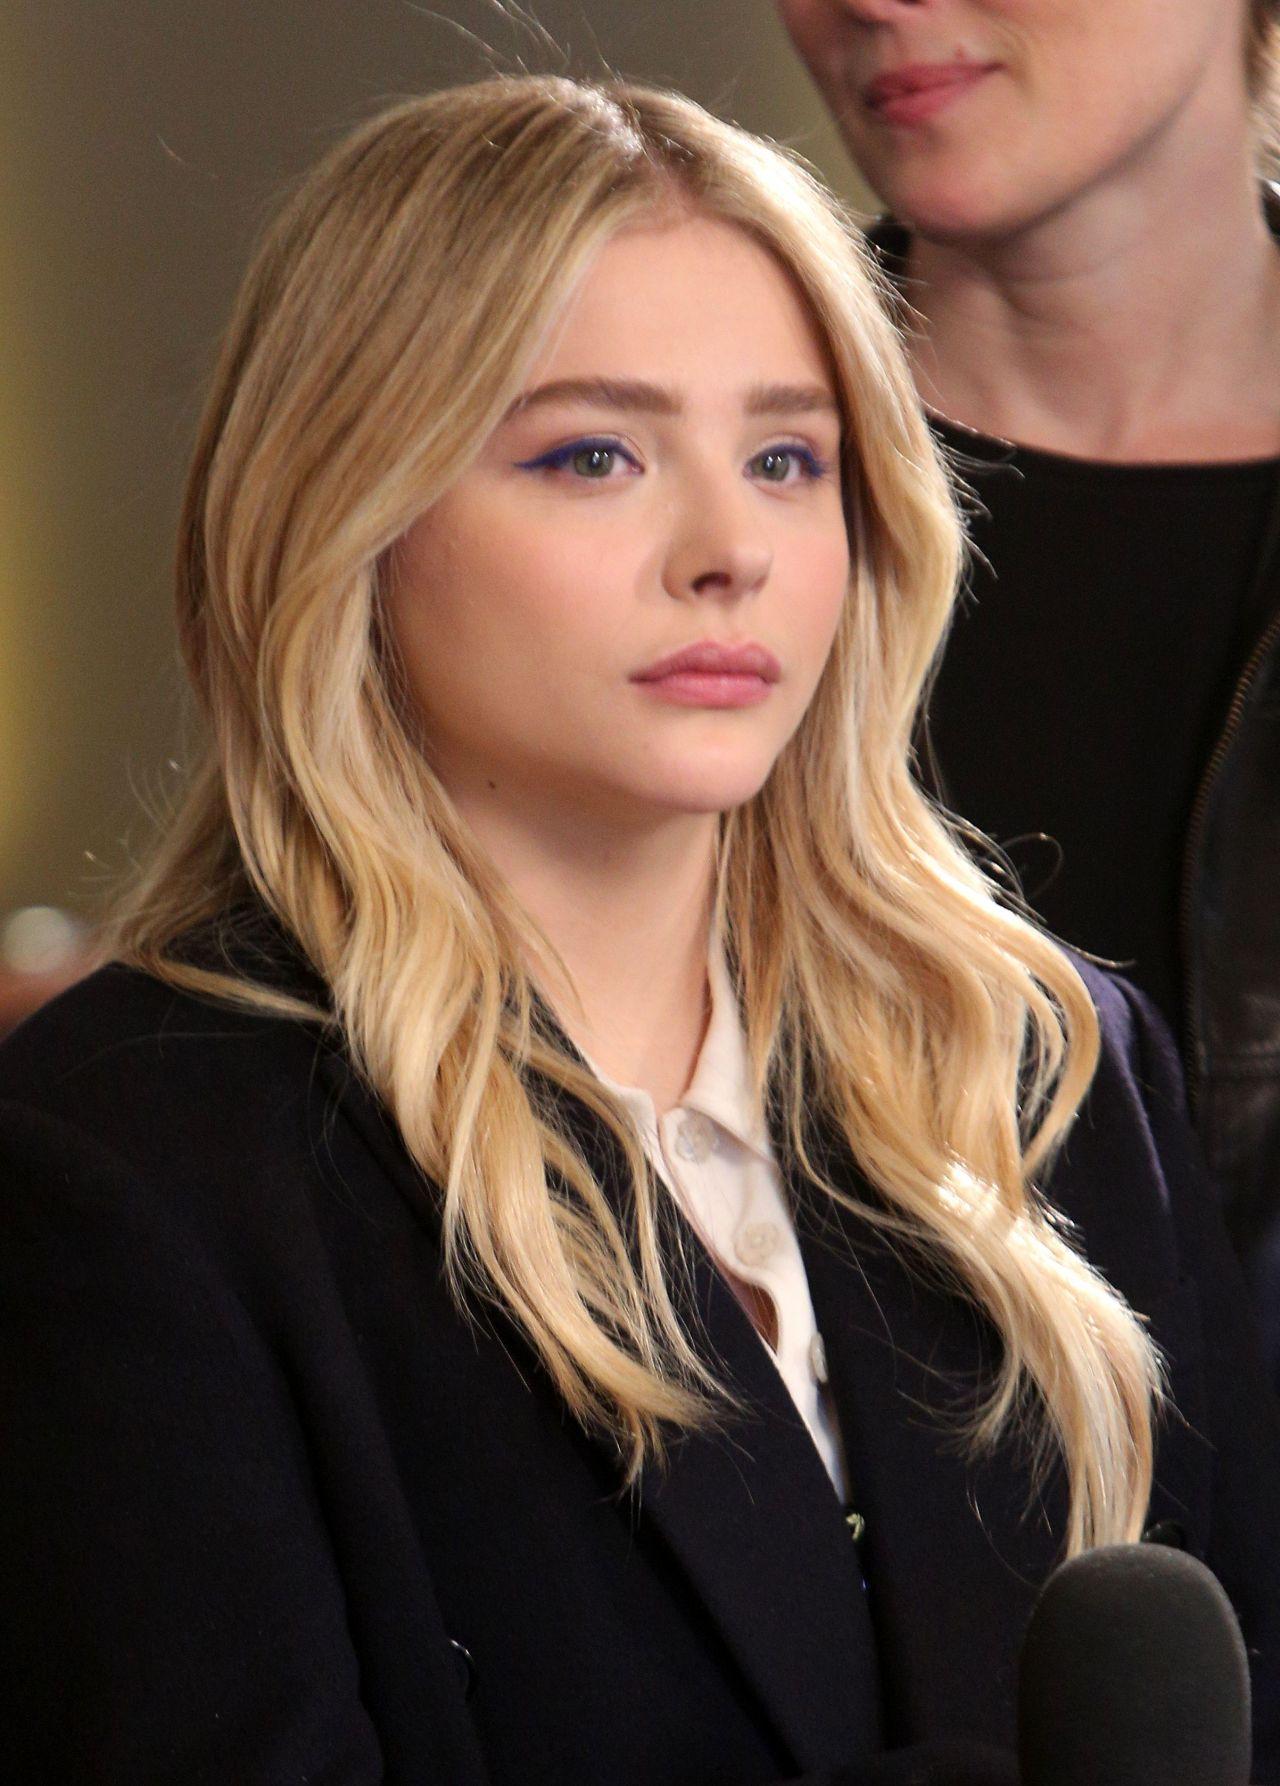 Chloe Moretz - Deadlin...